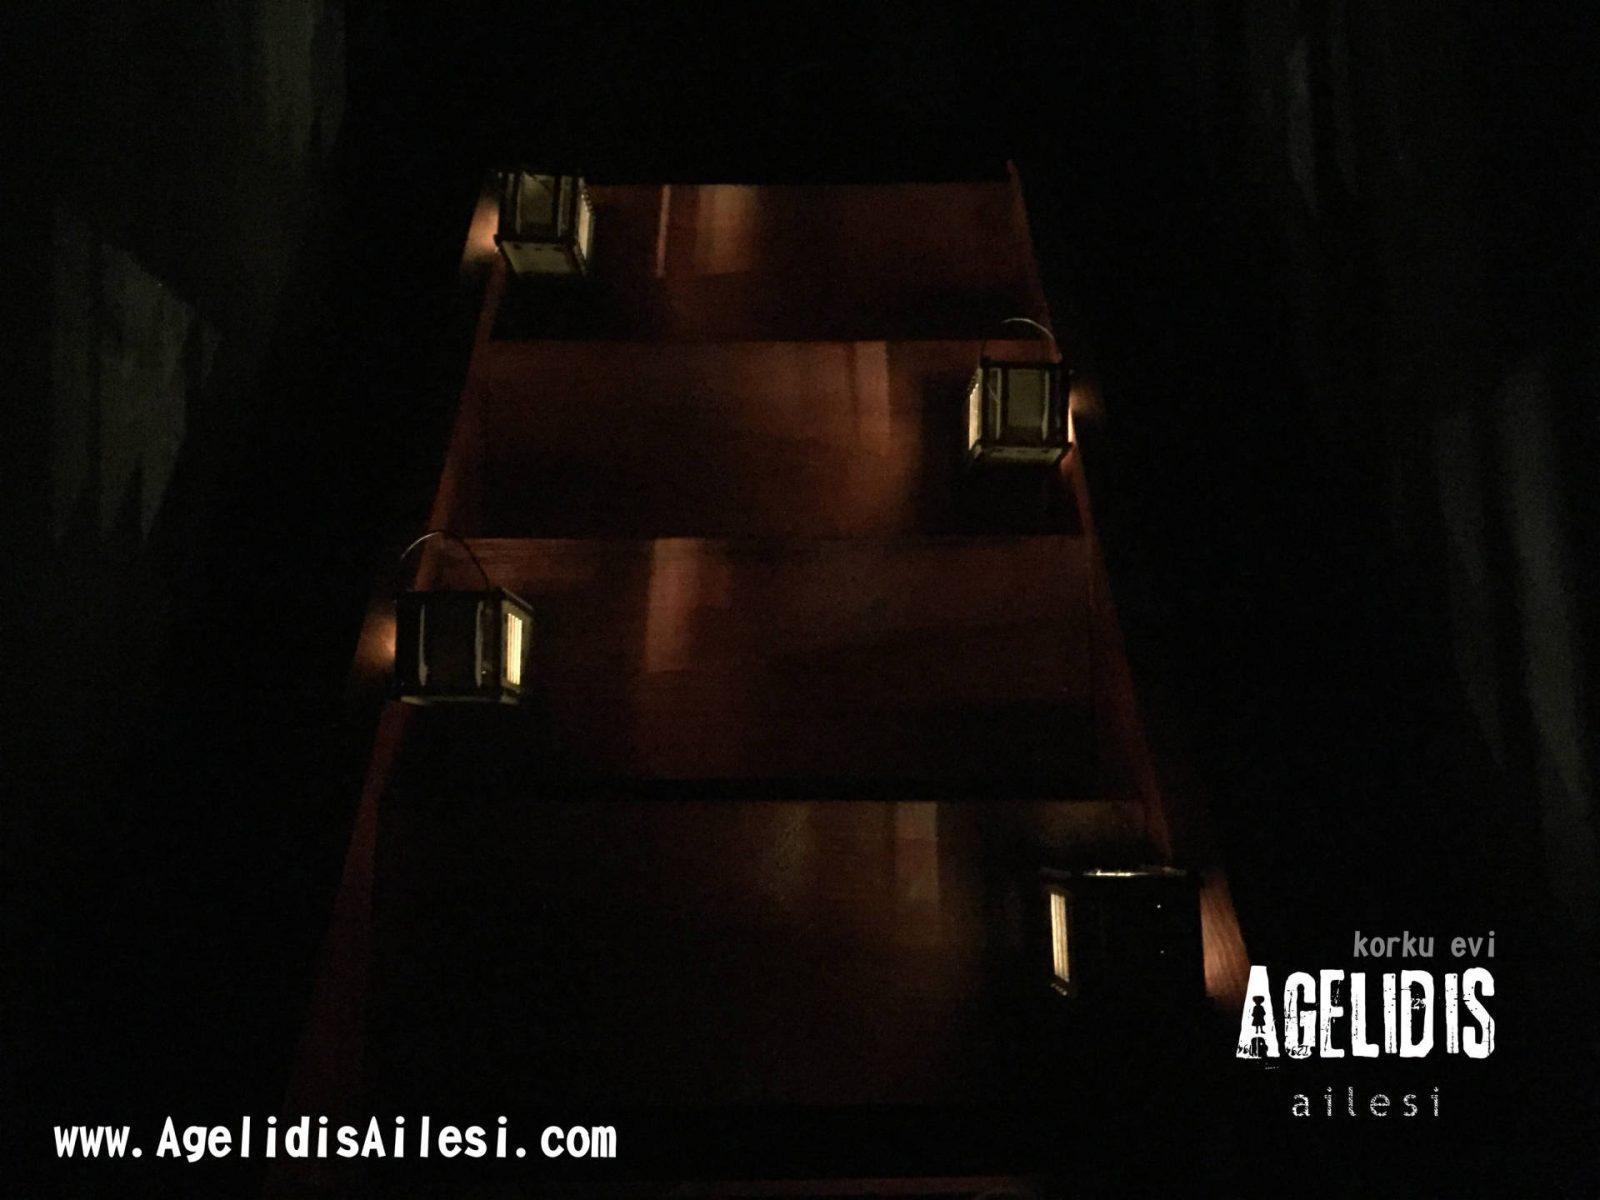 Agelidis Ailesi Korku Evi Kaçış Oyunu